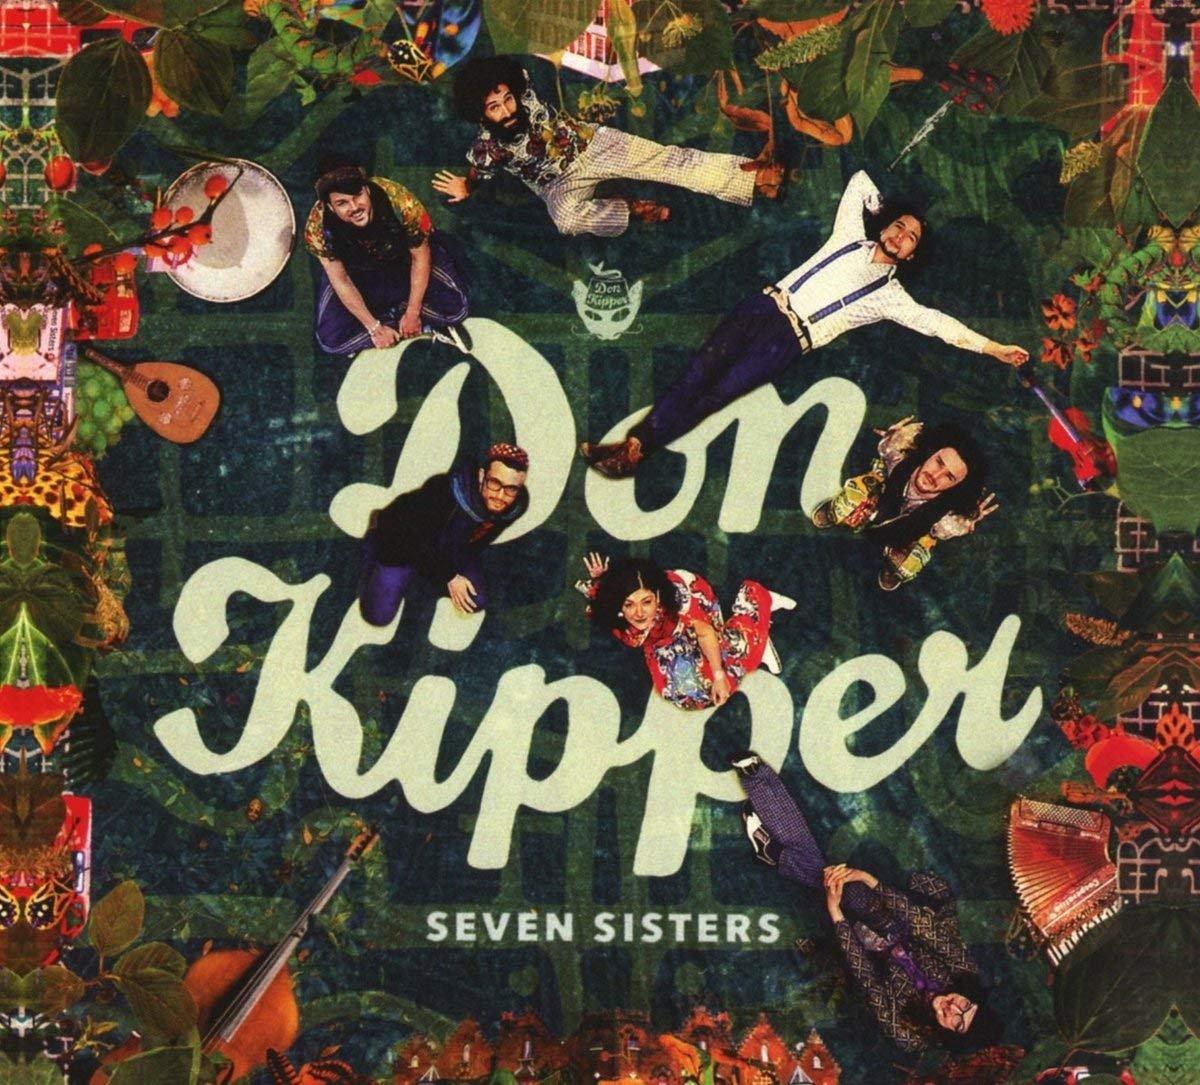 Vinilo : Don Kipper - Seven Sisters (Canada - Import)